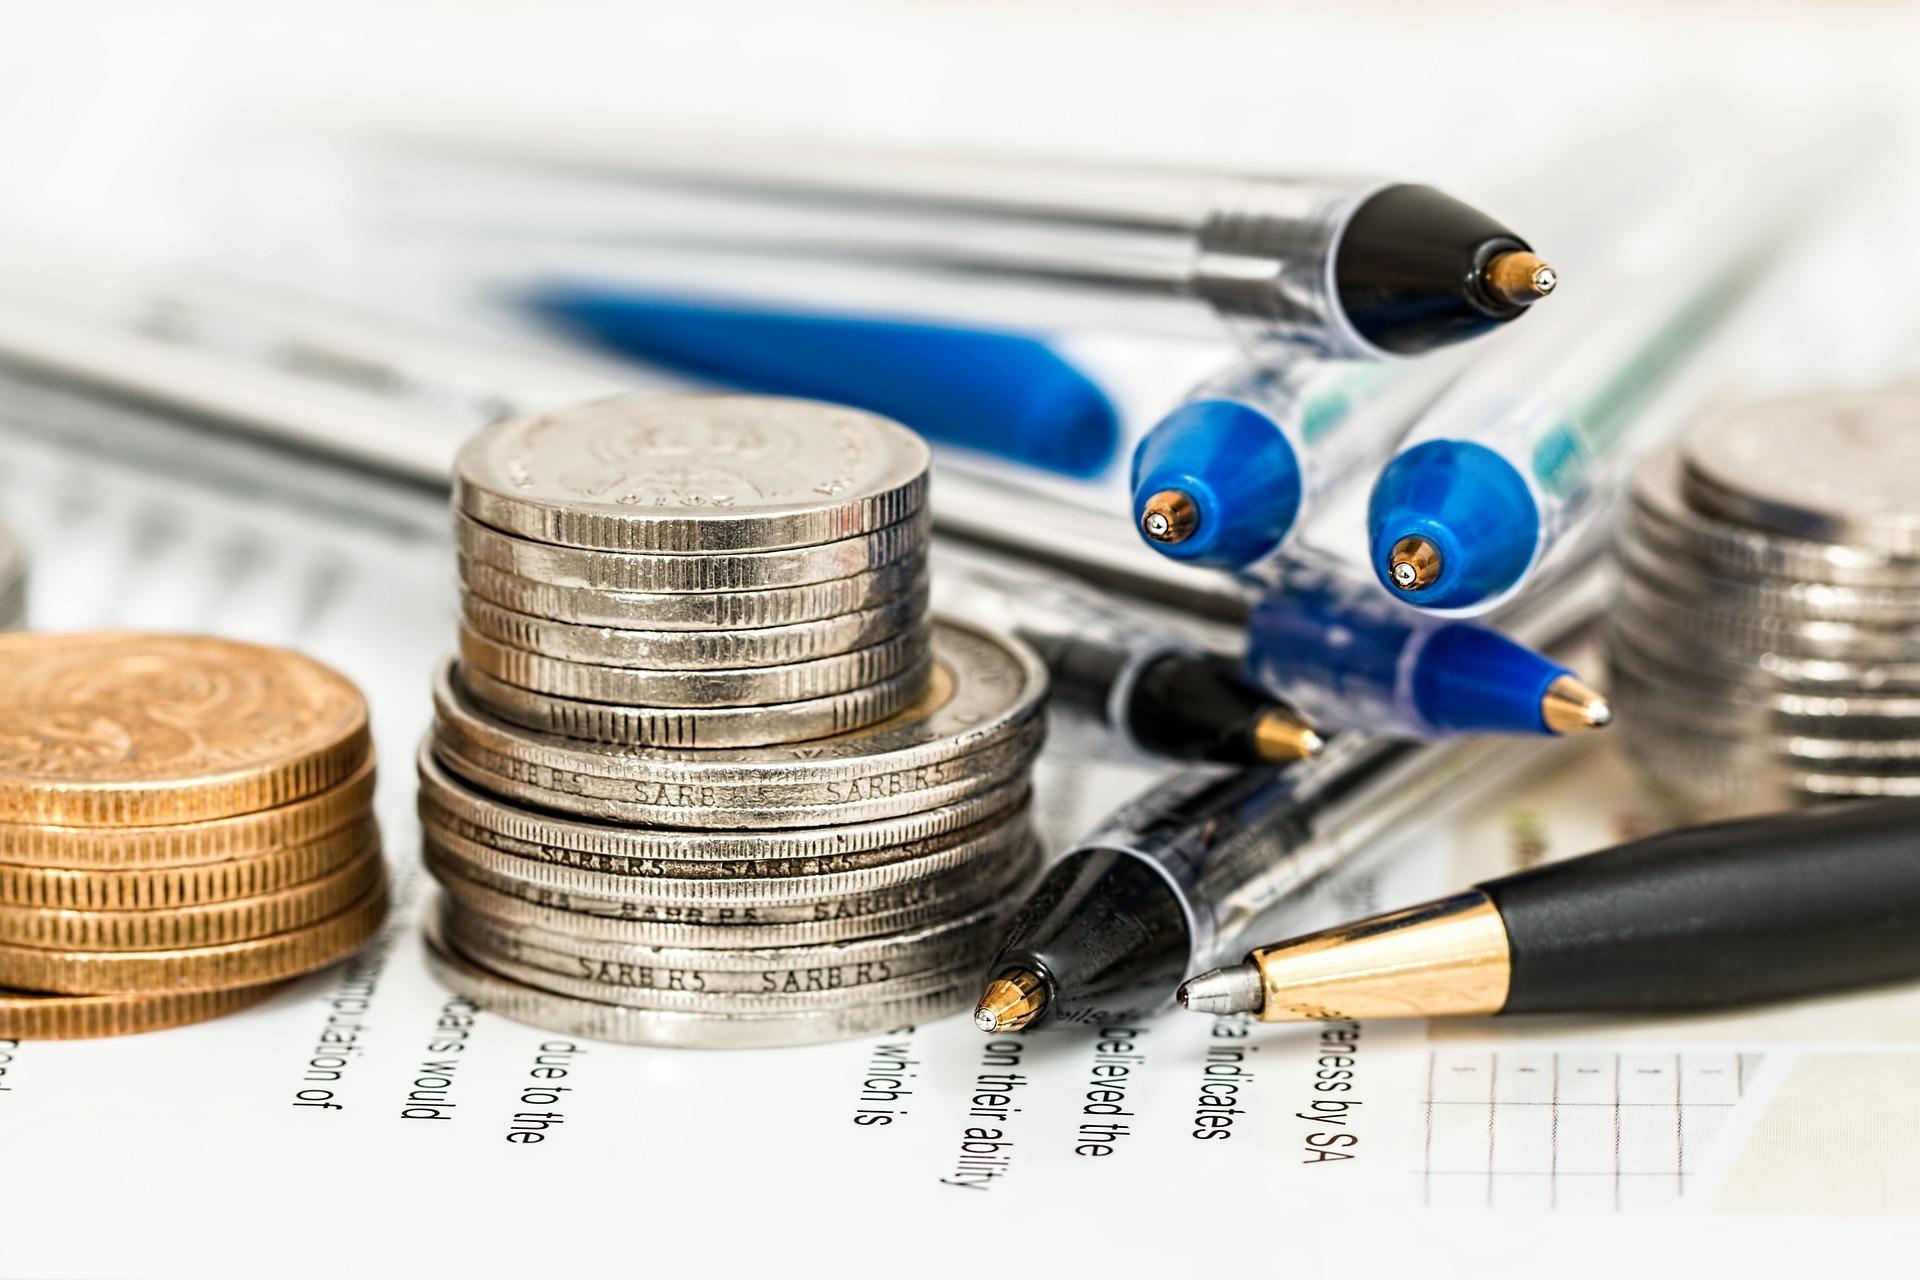 Kredit ohne Schufa – Darauf muss geachtet werden